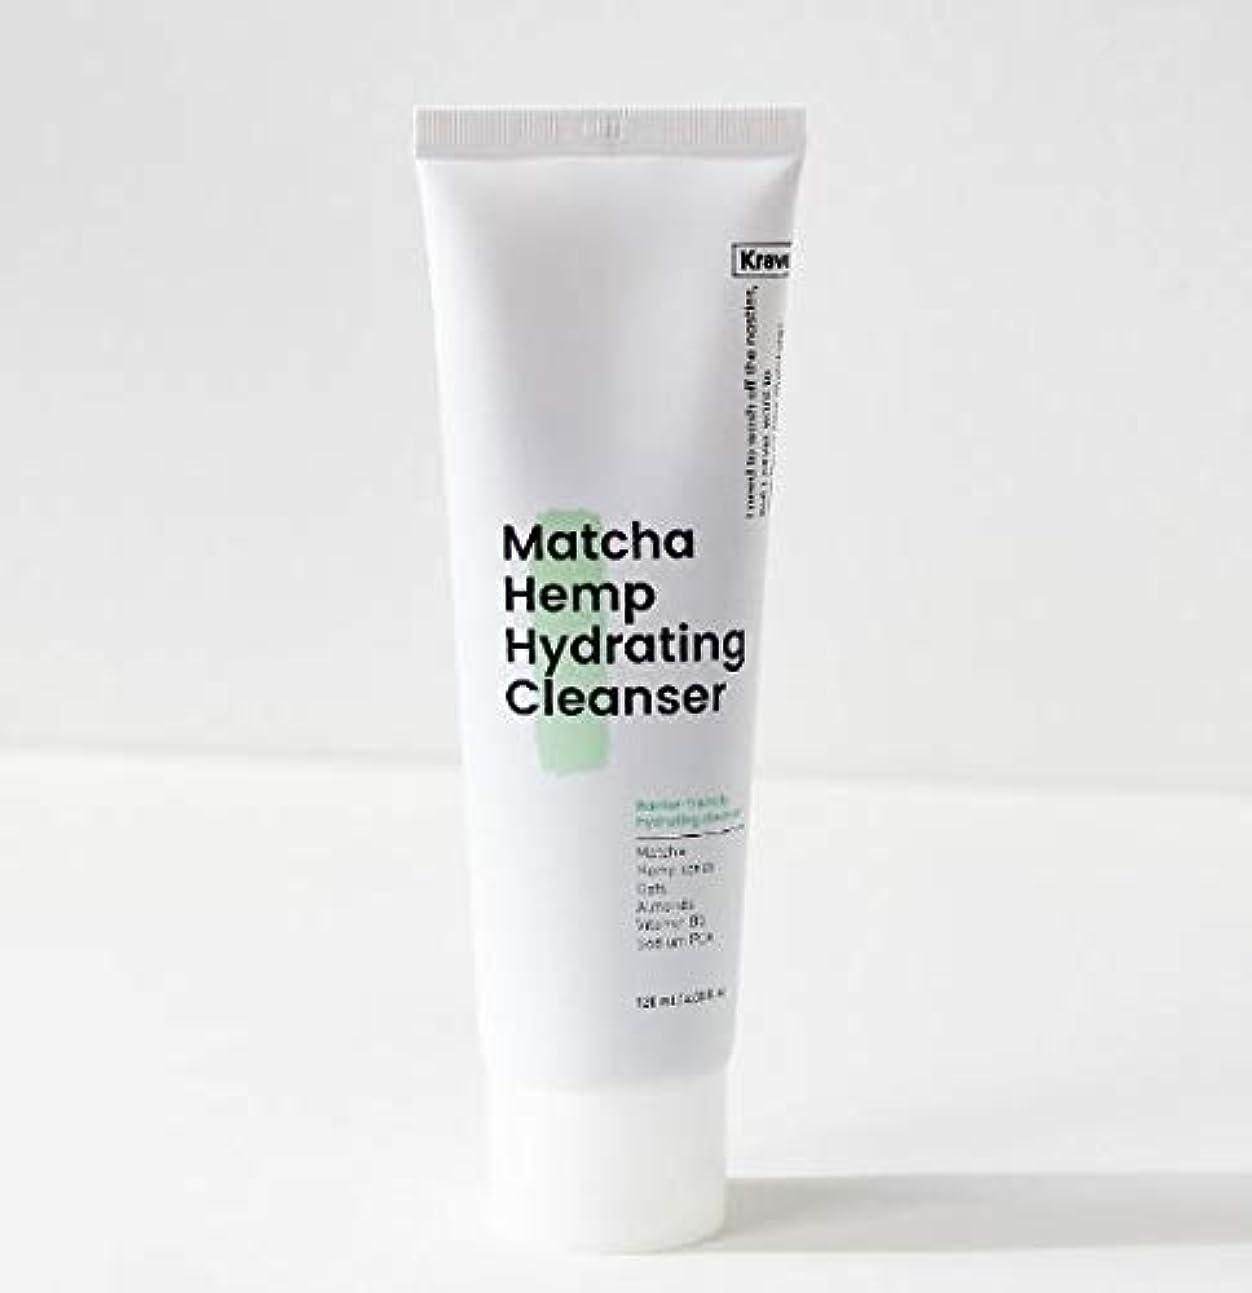 ジャケットメイン迷信[Krave] Matcha Hemp Hydrating Cleanser 120ml / 抹茶ハイドレイティングクレンザー120ml [並行輸入品]